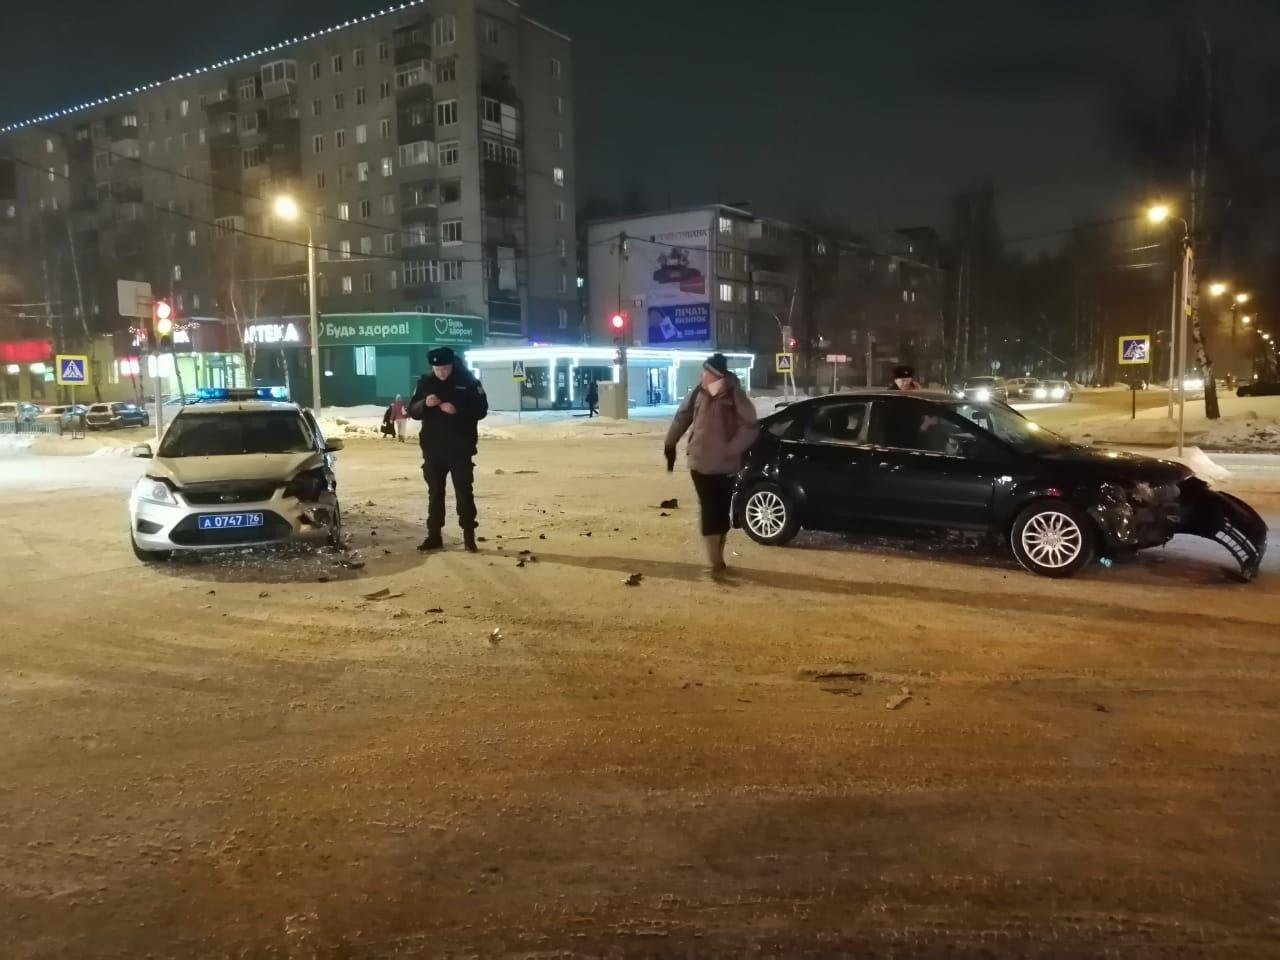 На «злополучном» перекрестке Заволгой иномарка столкнулась с патрульной машиной: комментарии участников